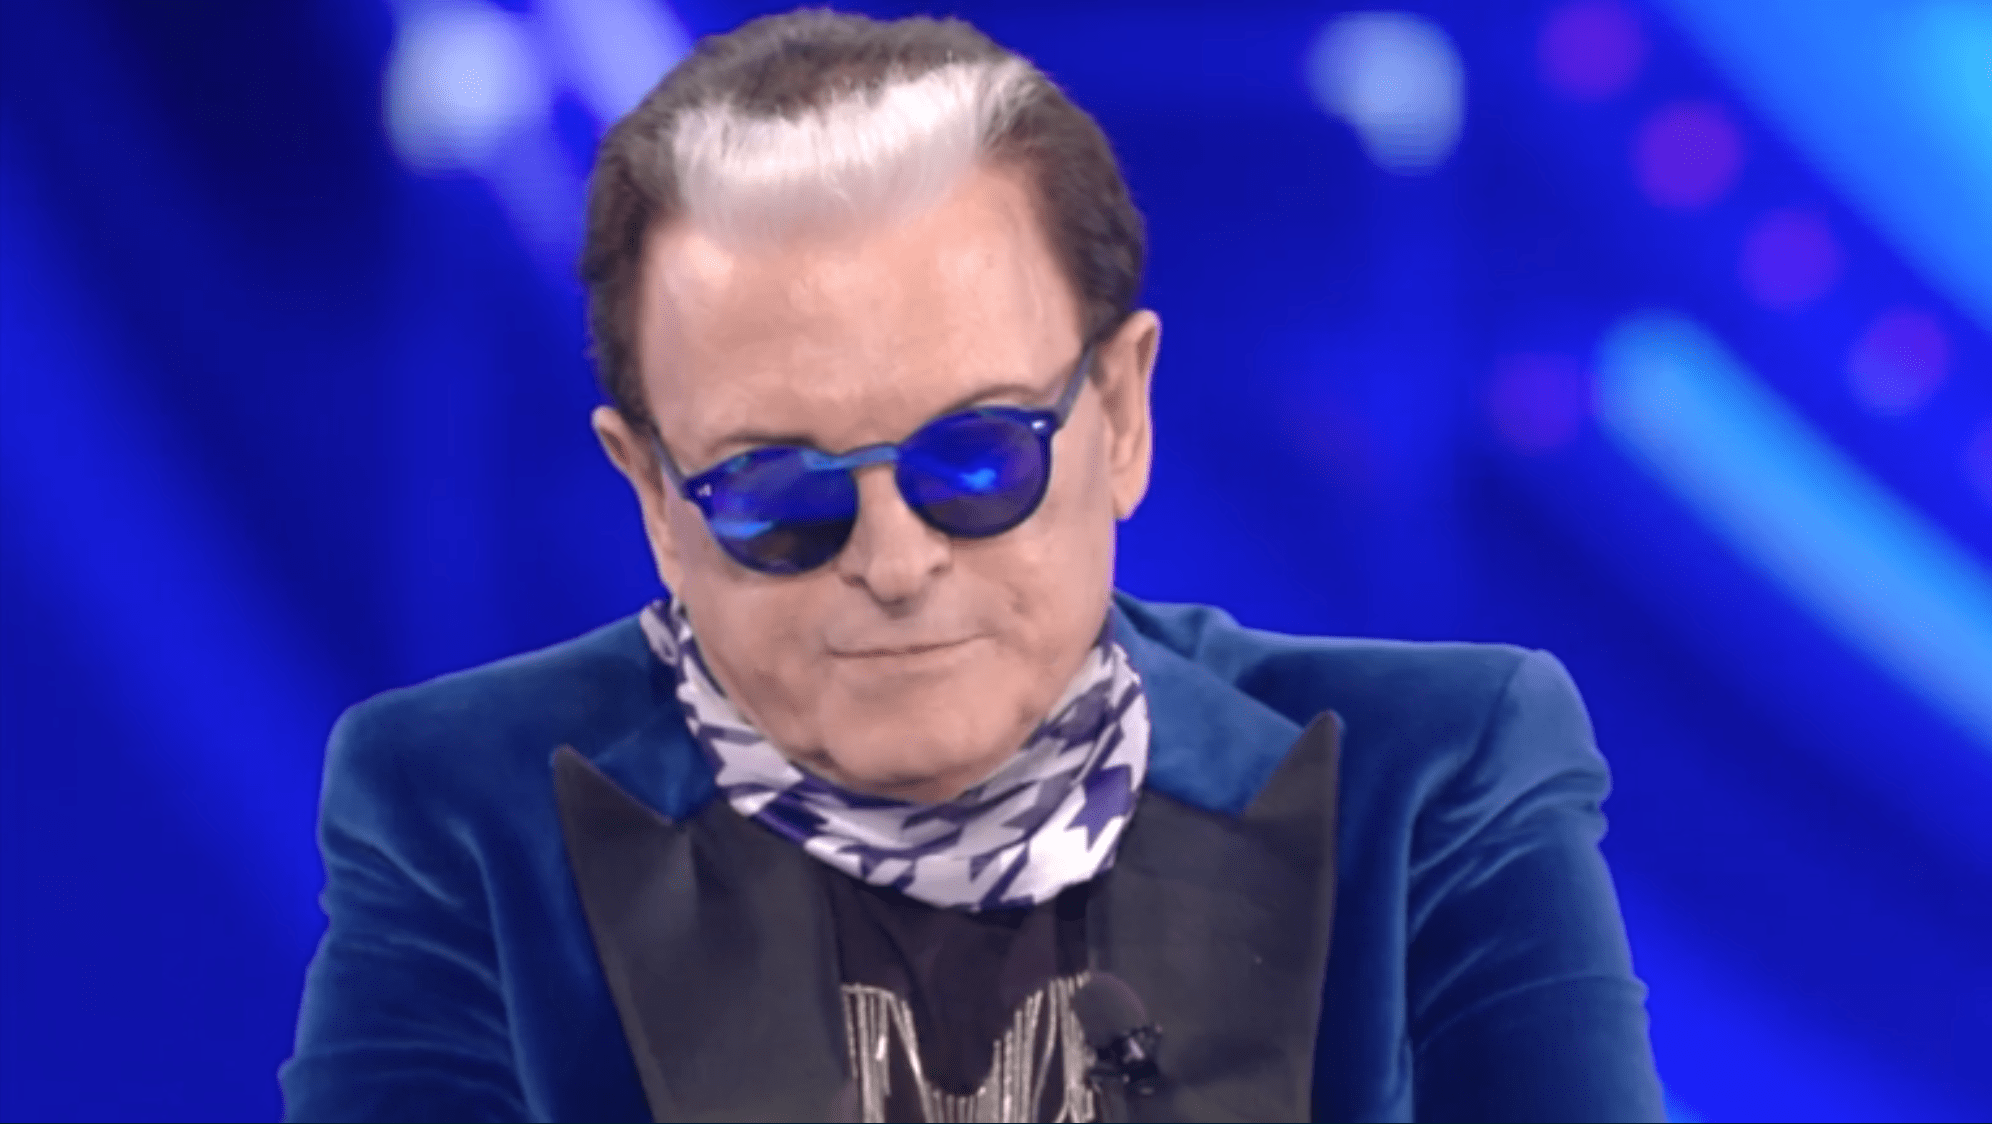 Cristiano Malgioglio 'innamorato' del GF Vip: dalla stazione all'eliminazione